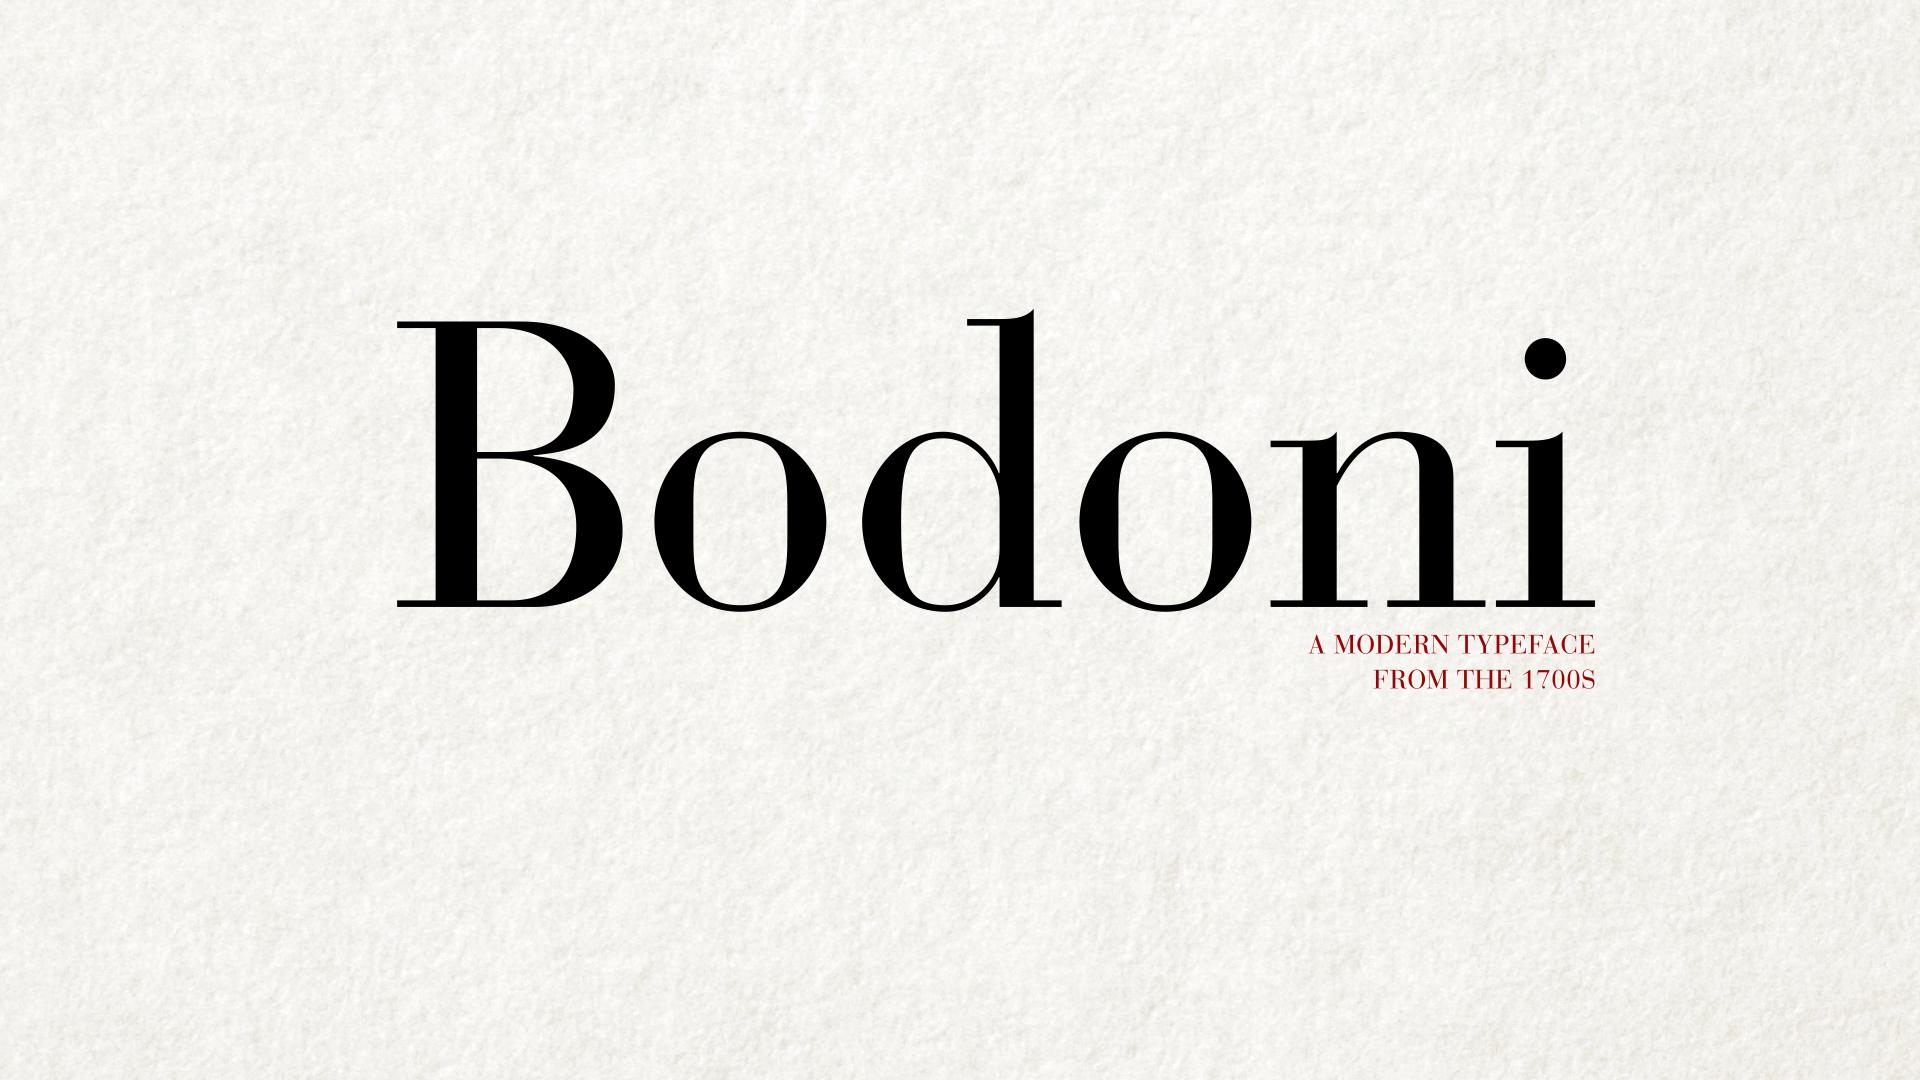 bodoni_00551.png